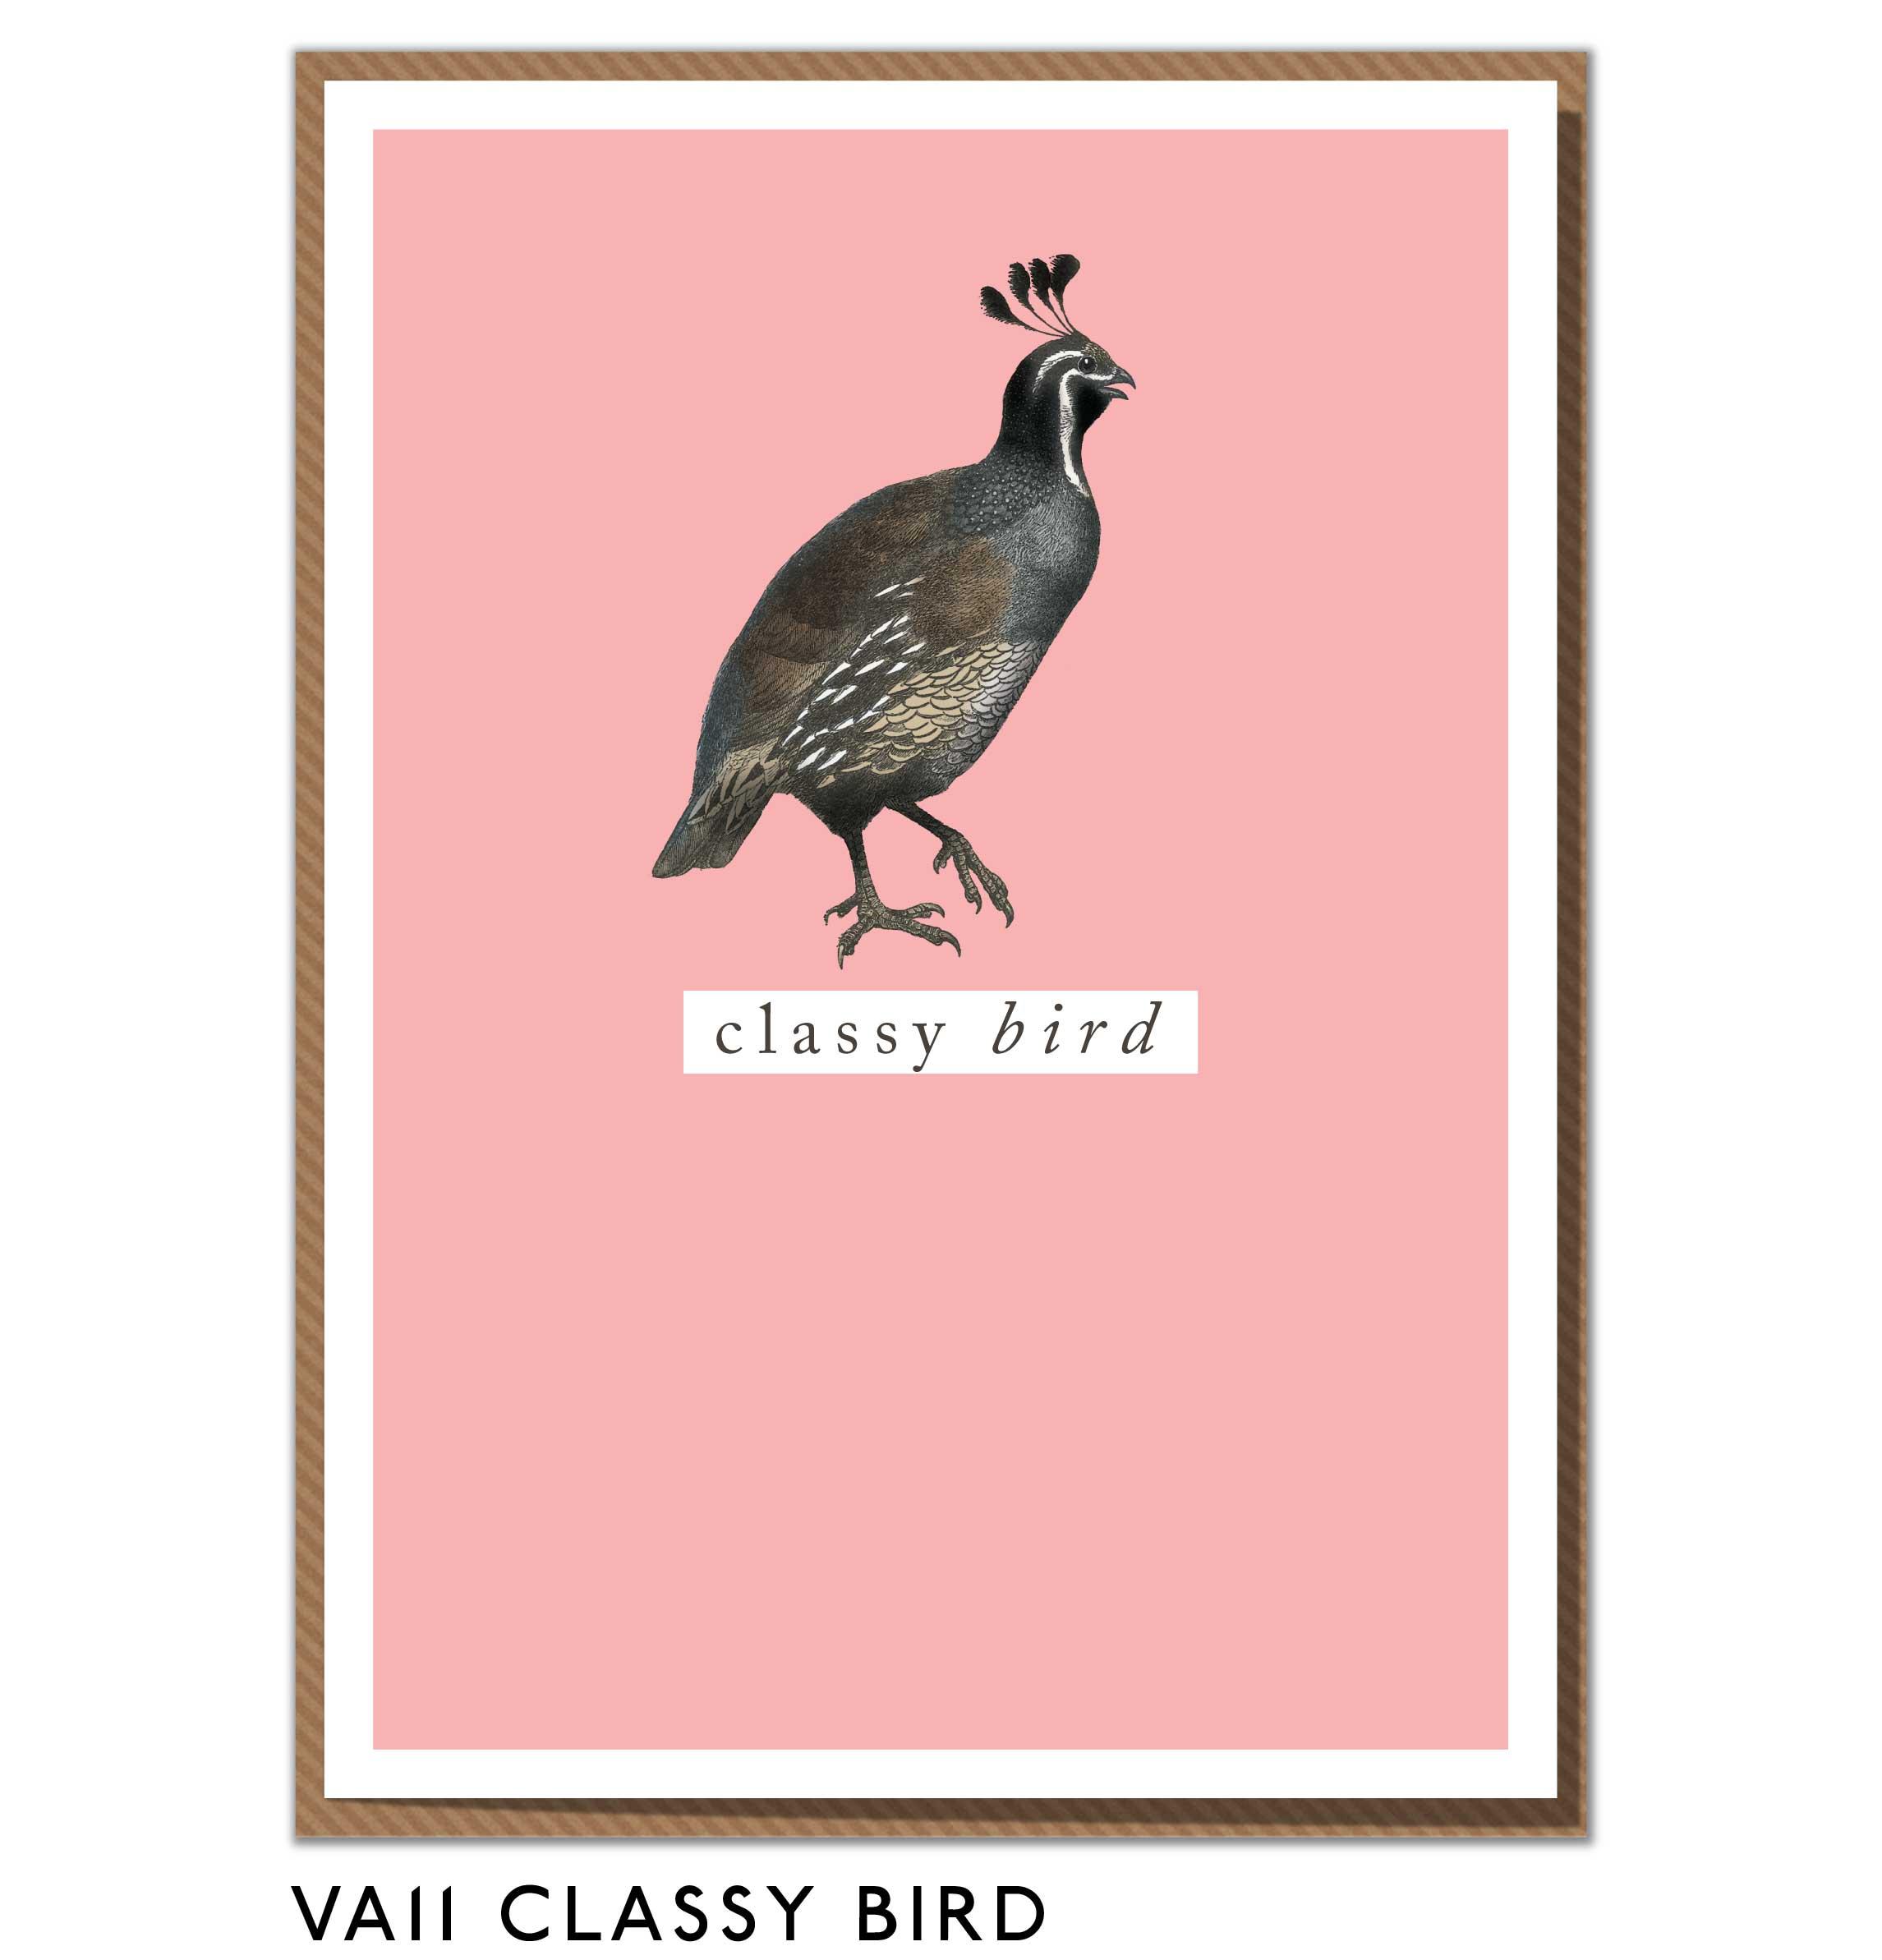 VA11-CLASSY-BIRD.jpg